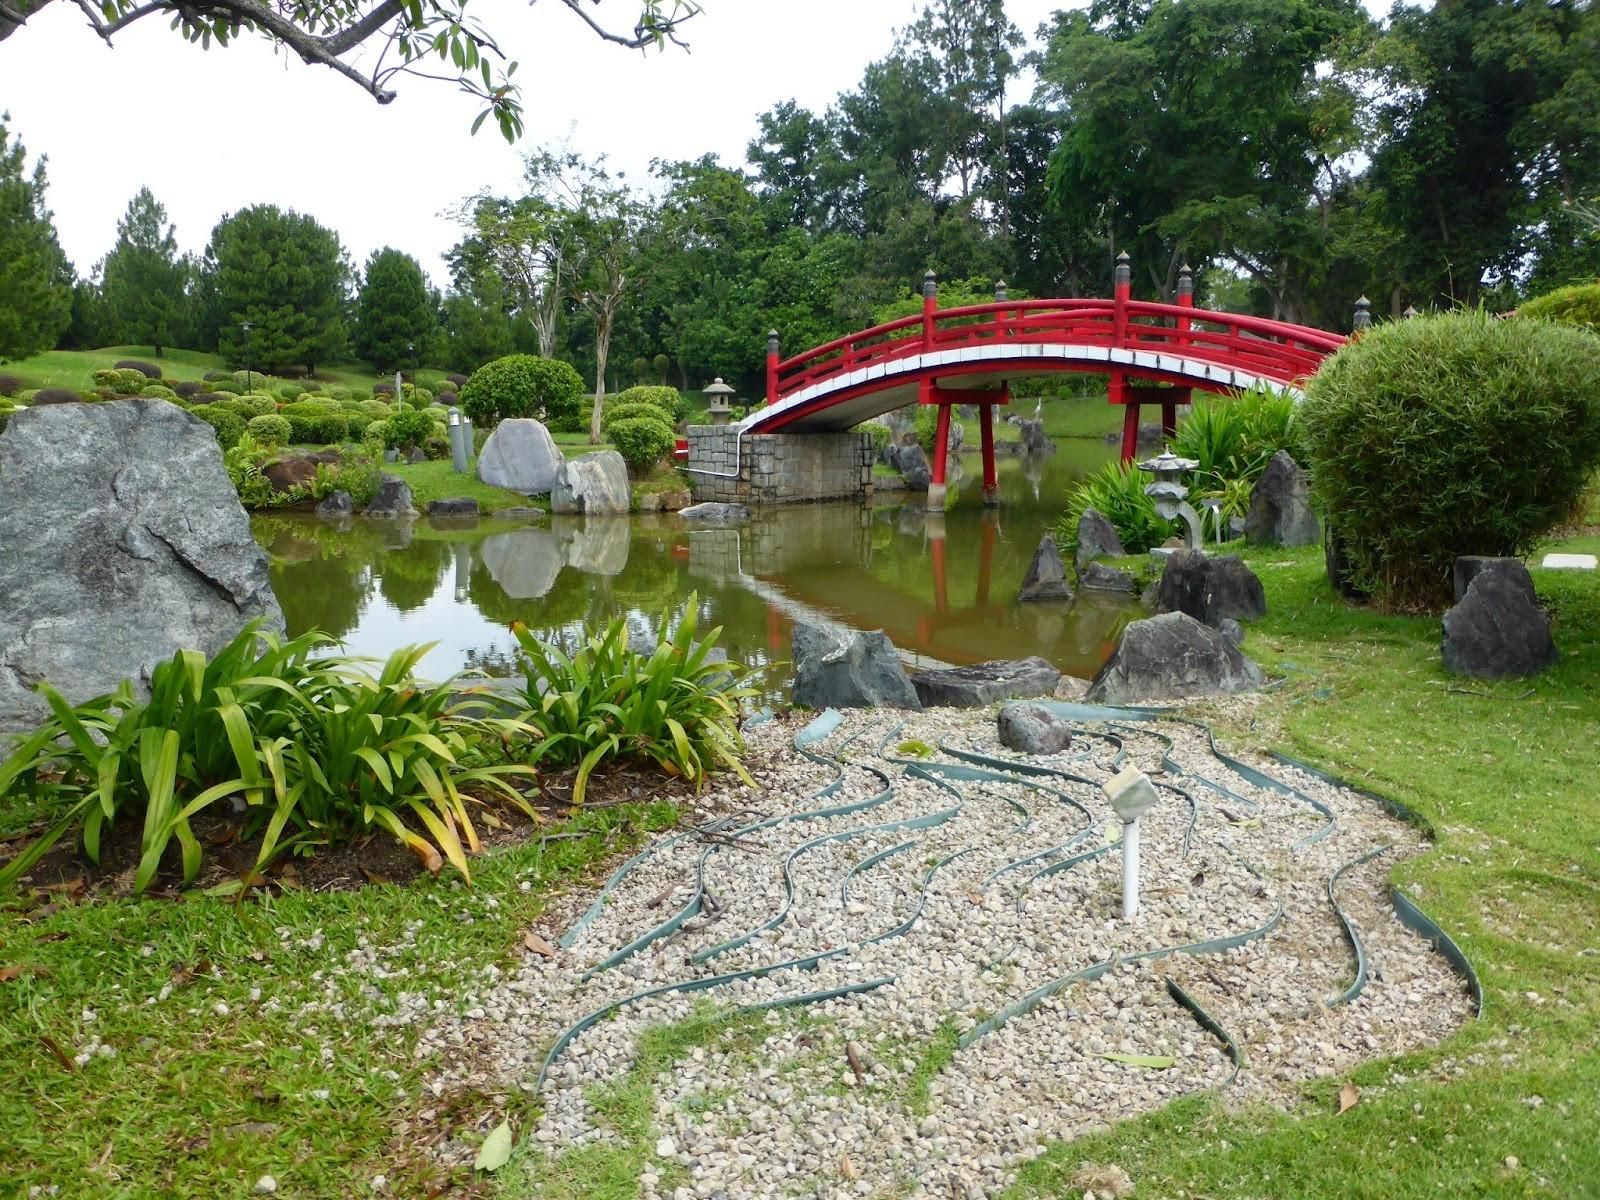 Jardin Zen Miniature Jardiland Frais Photos Crer son Jardin Zen Exquis Crer Un Jardin Zen Concernant Stunning